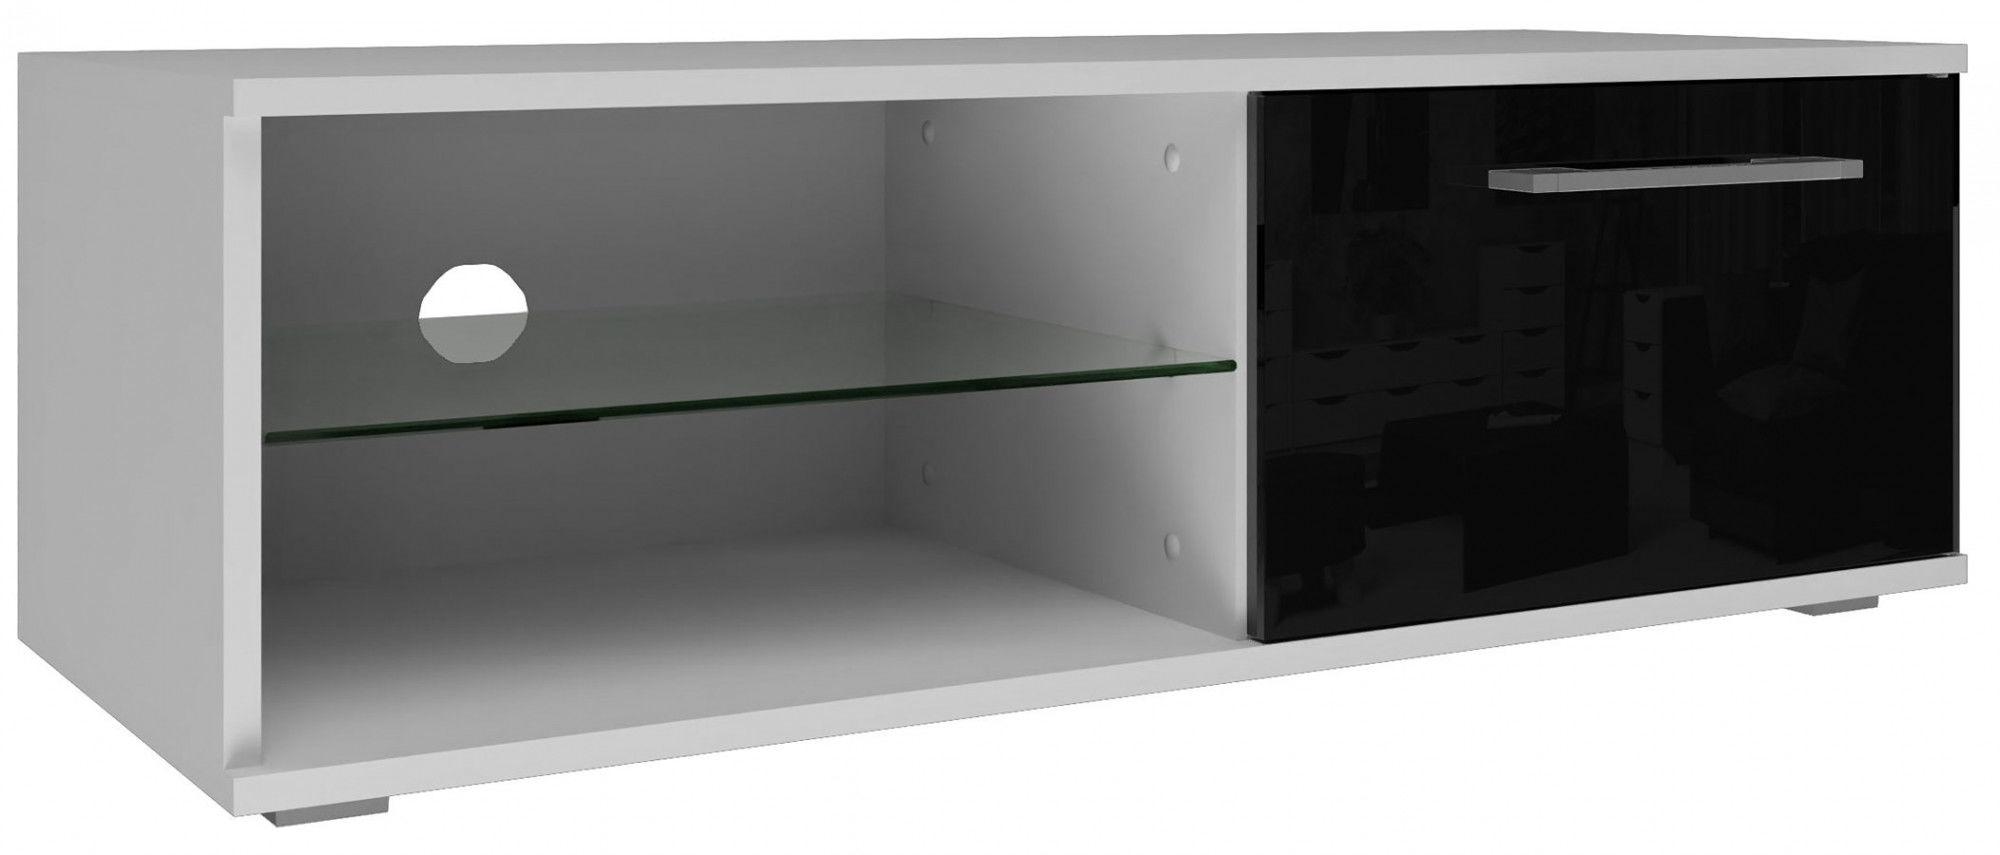 Biało-czarna nowoczesna szafka RTV - Prisa